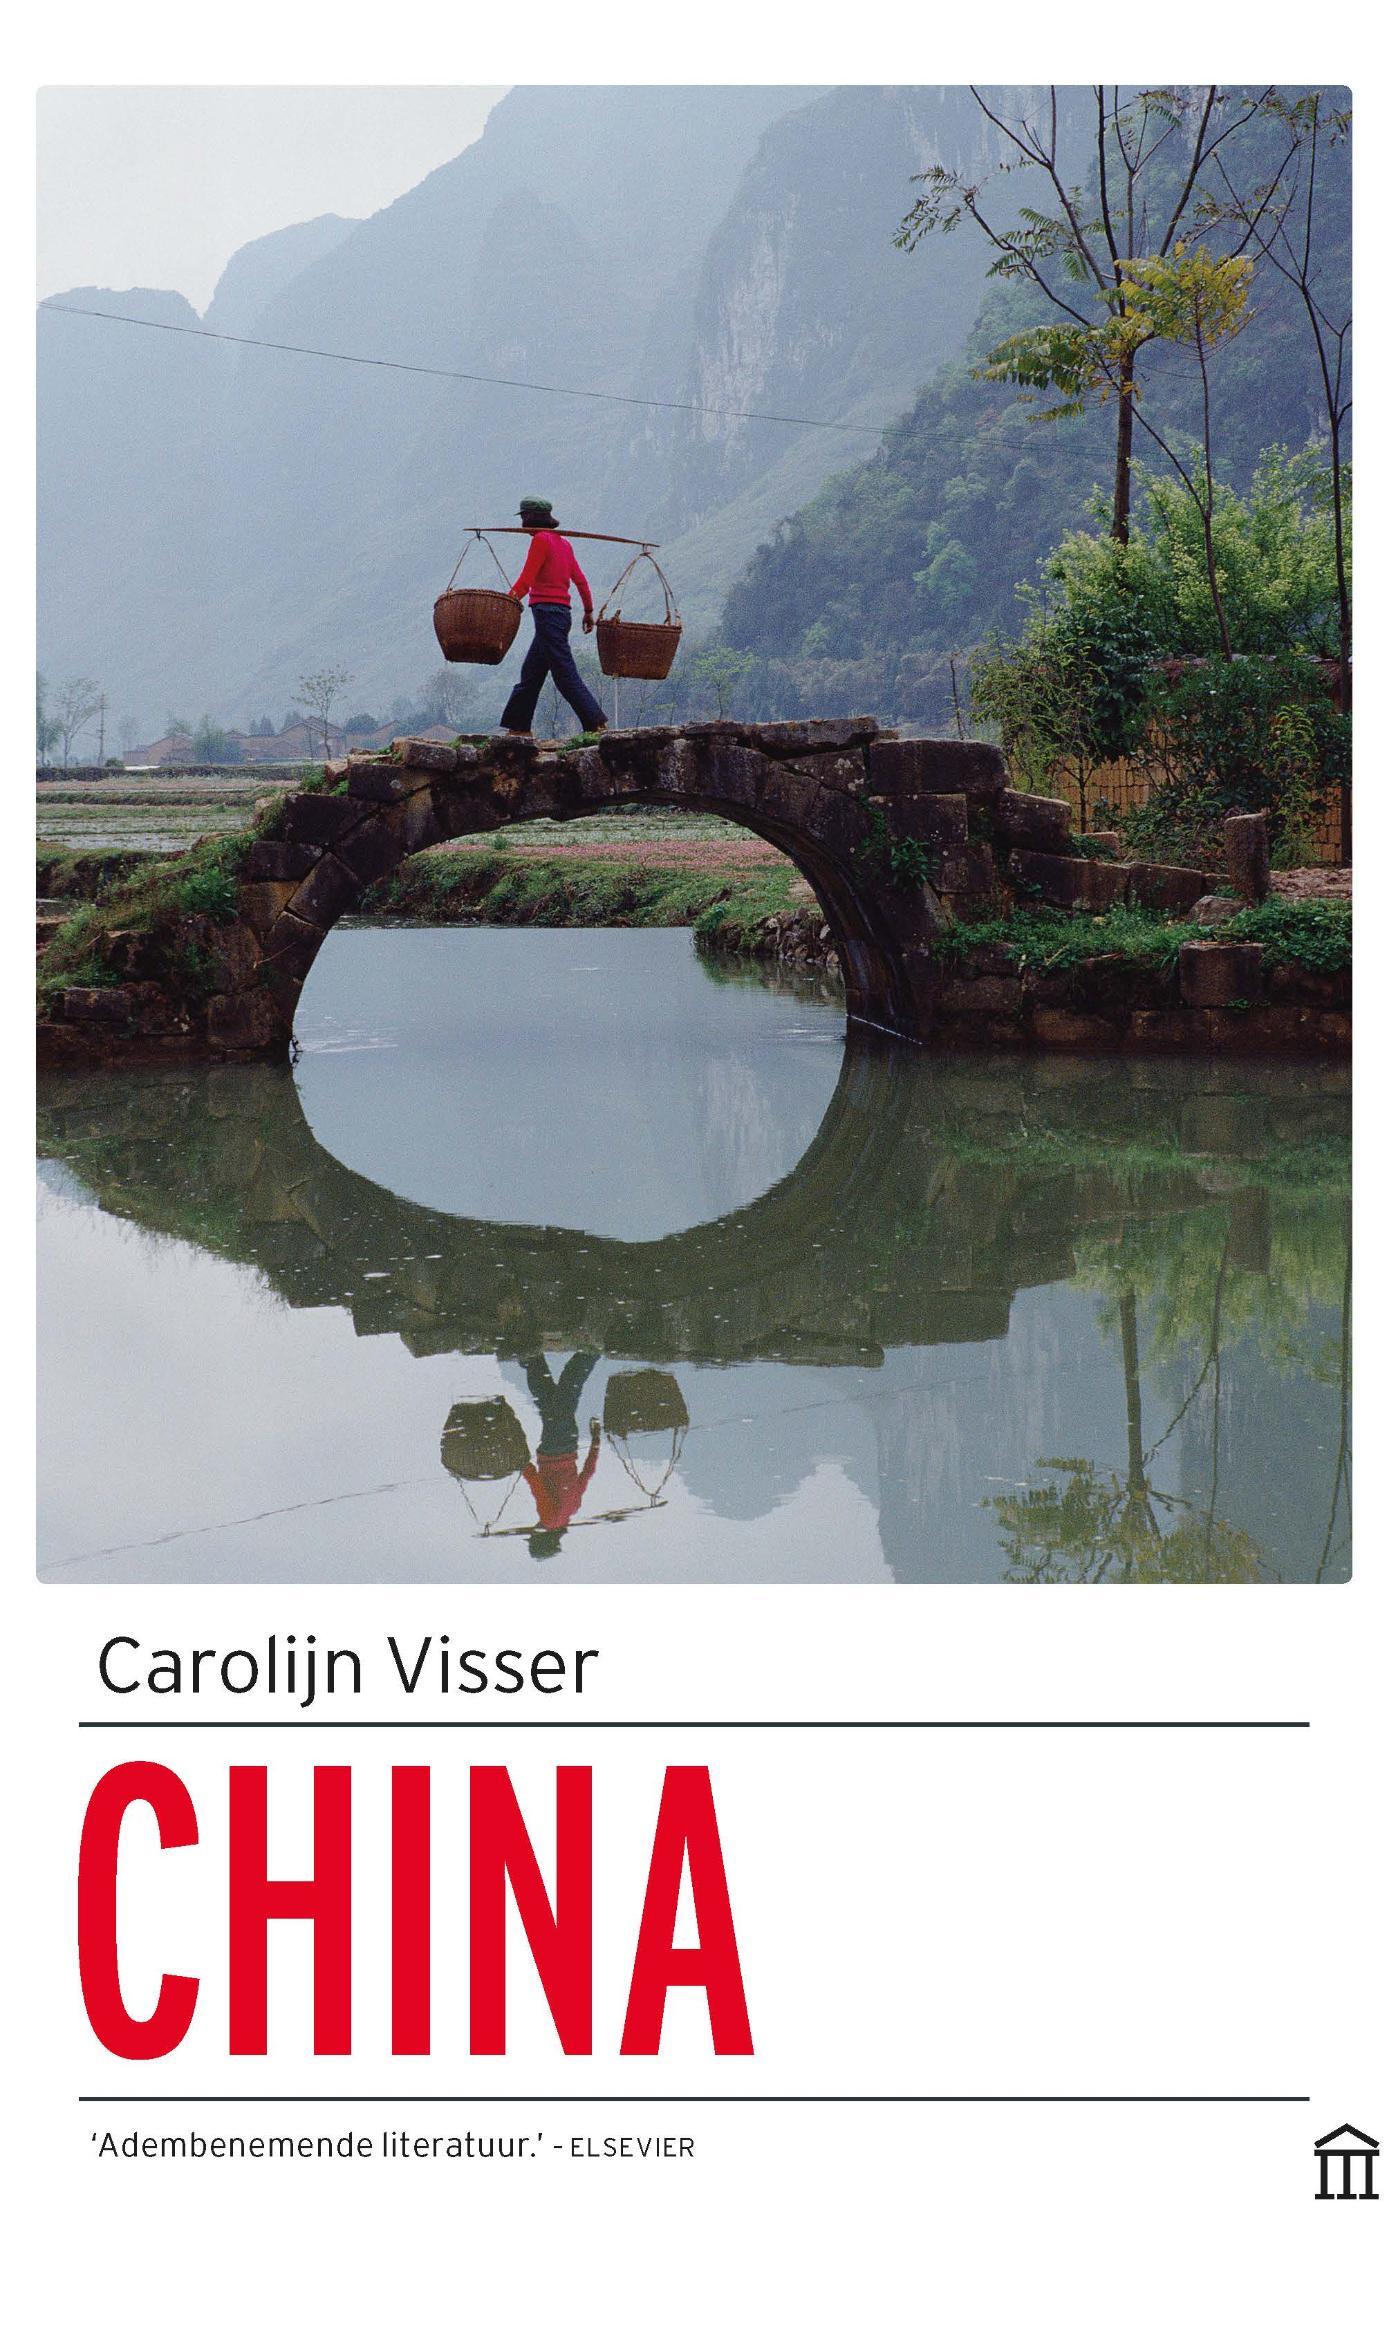 Reisverhaal China | Carolijn Visser <br/>€ 15.00 <br/> <a href='https://www.dezwerver.nl/reisgidsen/?tt=1554_252853_241358_&r=https%3A%2F%2Fwww.dezwerver.nl%2Fr%2Fazie%2Fchina%2Fc%2Fboeken%2Freisverhalen%2F9789046707104%2Freisverhaal-china-carolijn-visser%2F' target='_blank'>Meer Info</a>